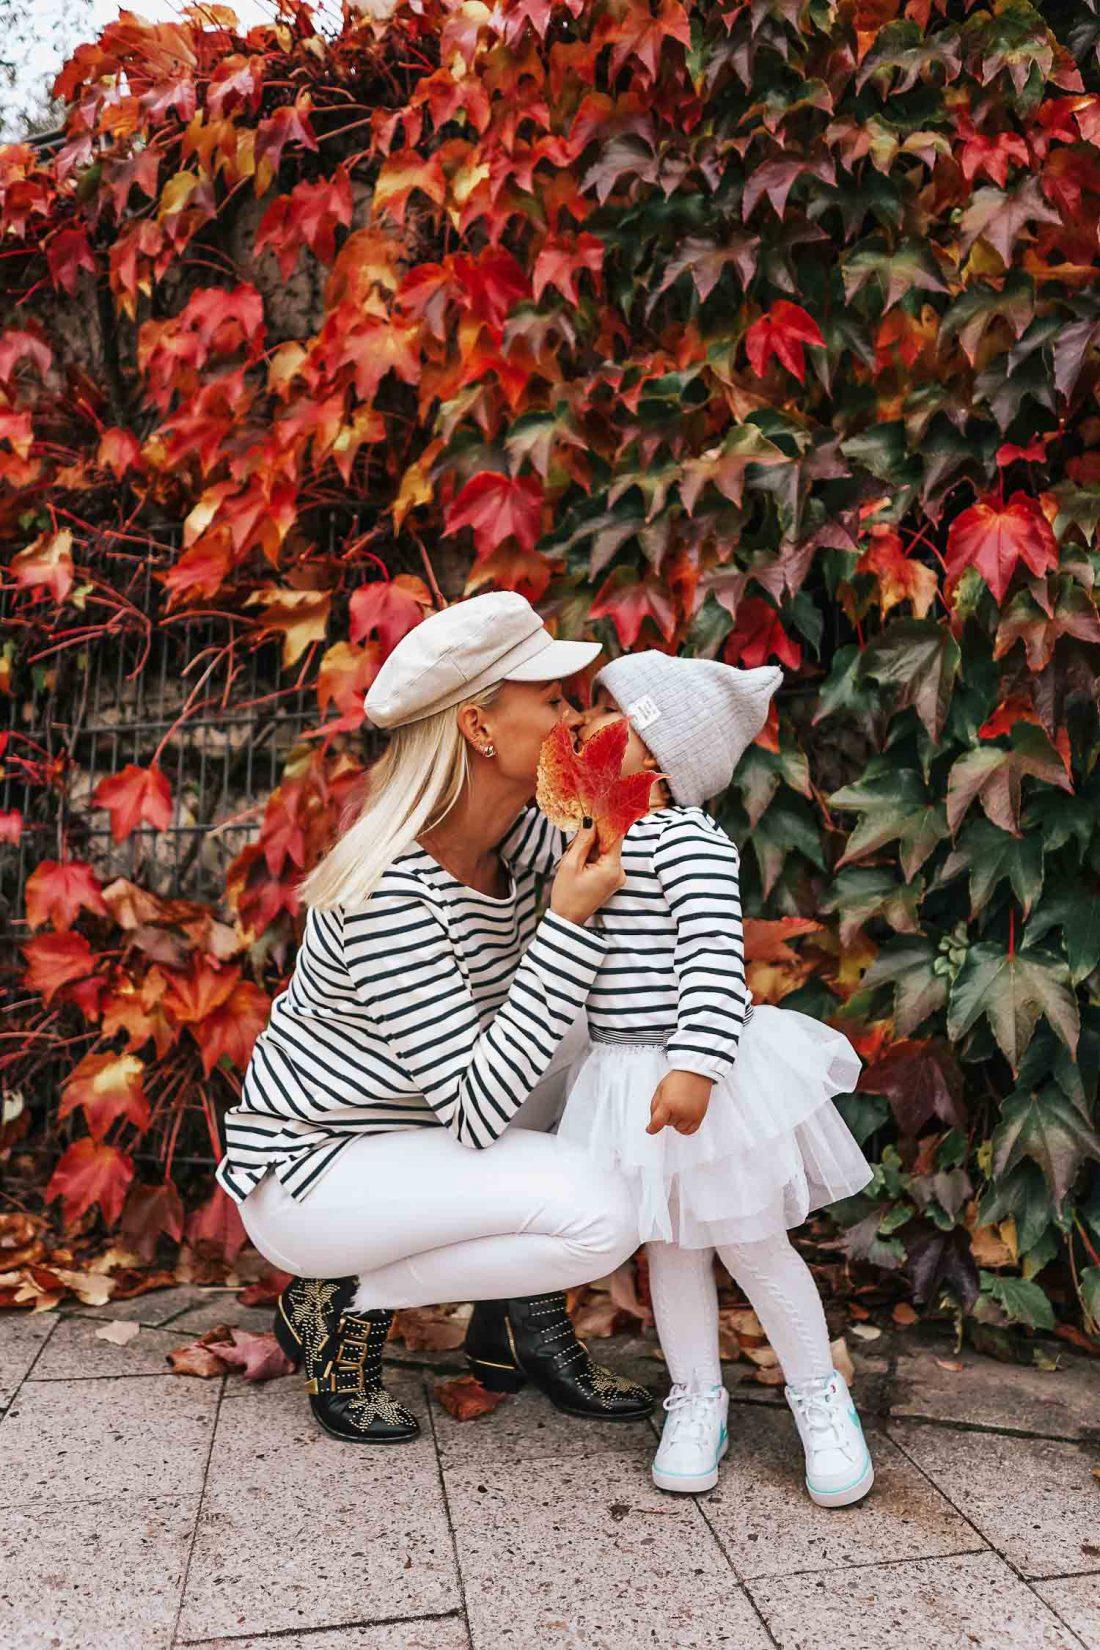 stylingliebe-lifestyleblogger-mamablog-familienblog-muenchen-lifestyleblog-blogger-deutschland-mamablogger-familienblog-wann-ist-es-eigentlich-passiert-1-1100x1650